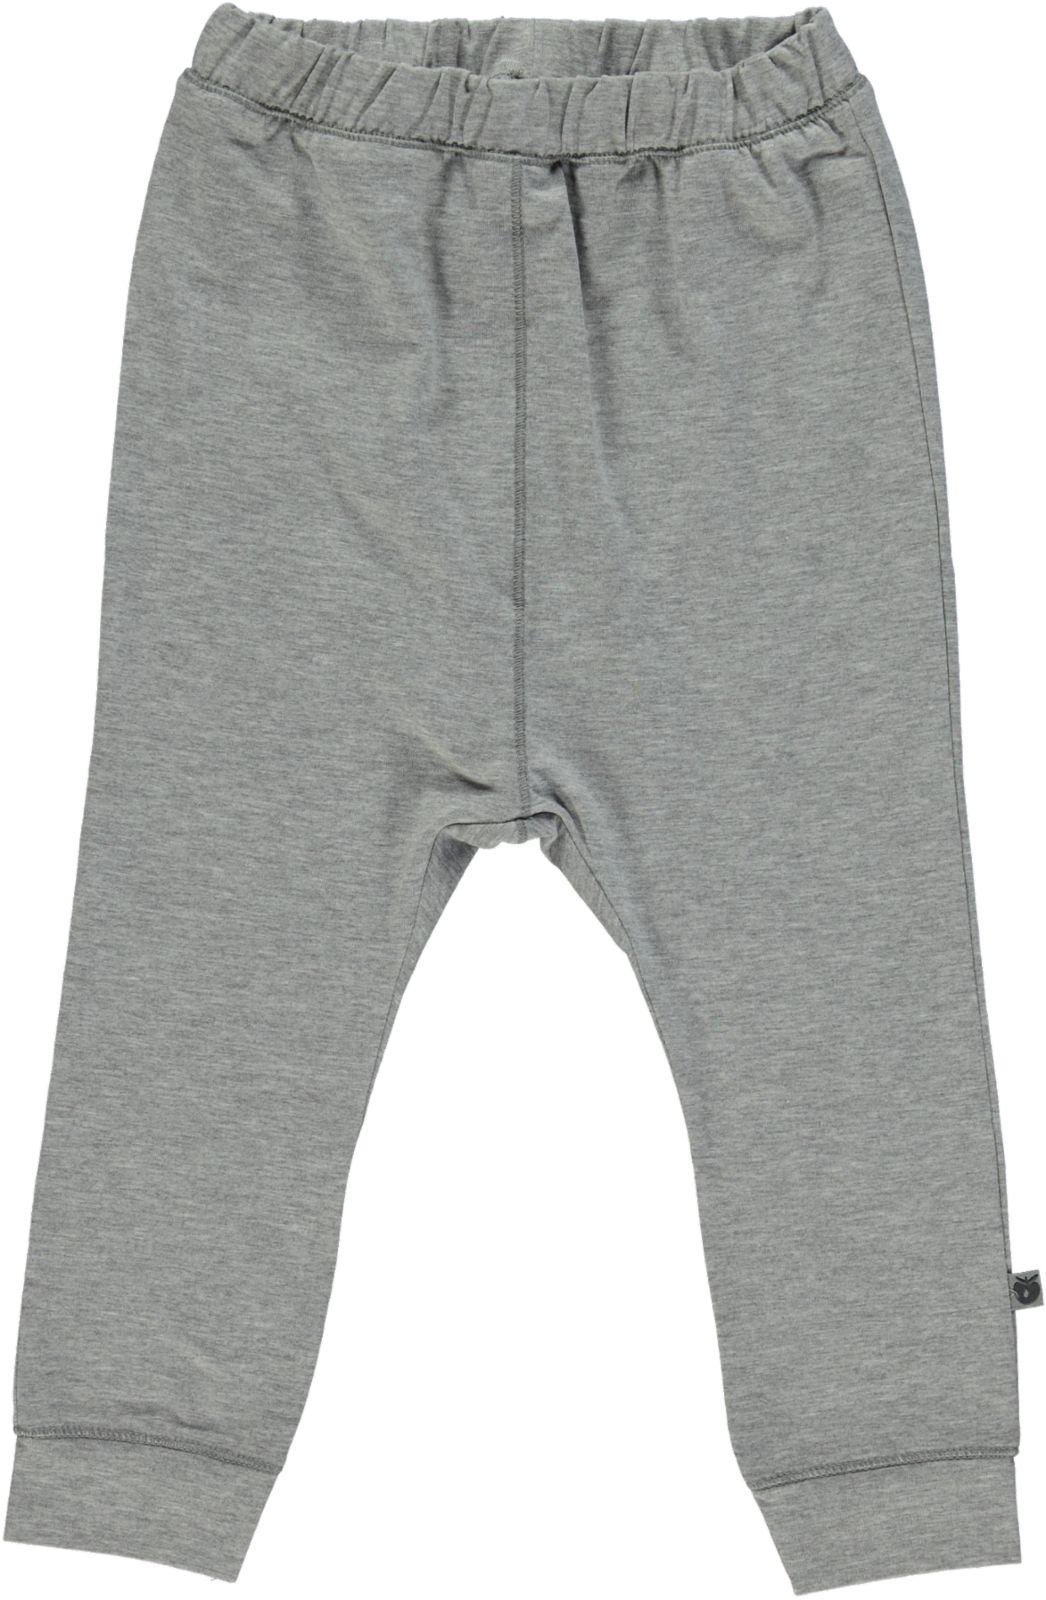 Småfolk - Organic Basic Jersey Pants - Lt. Grey Mix